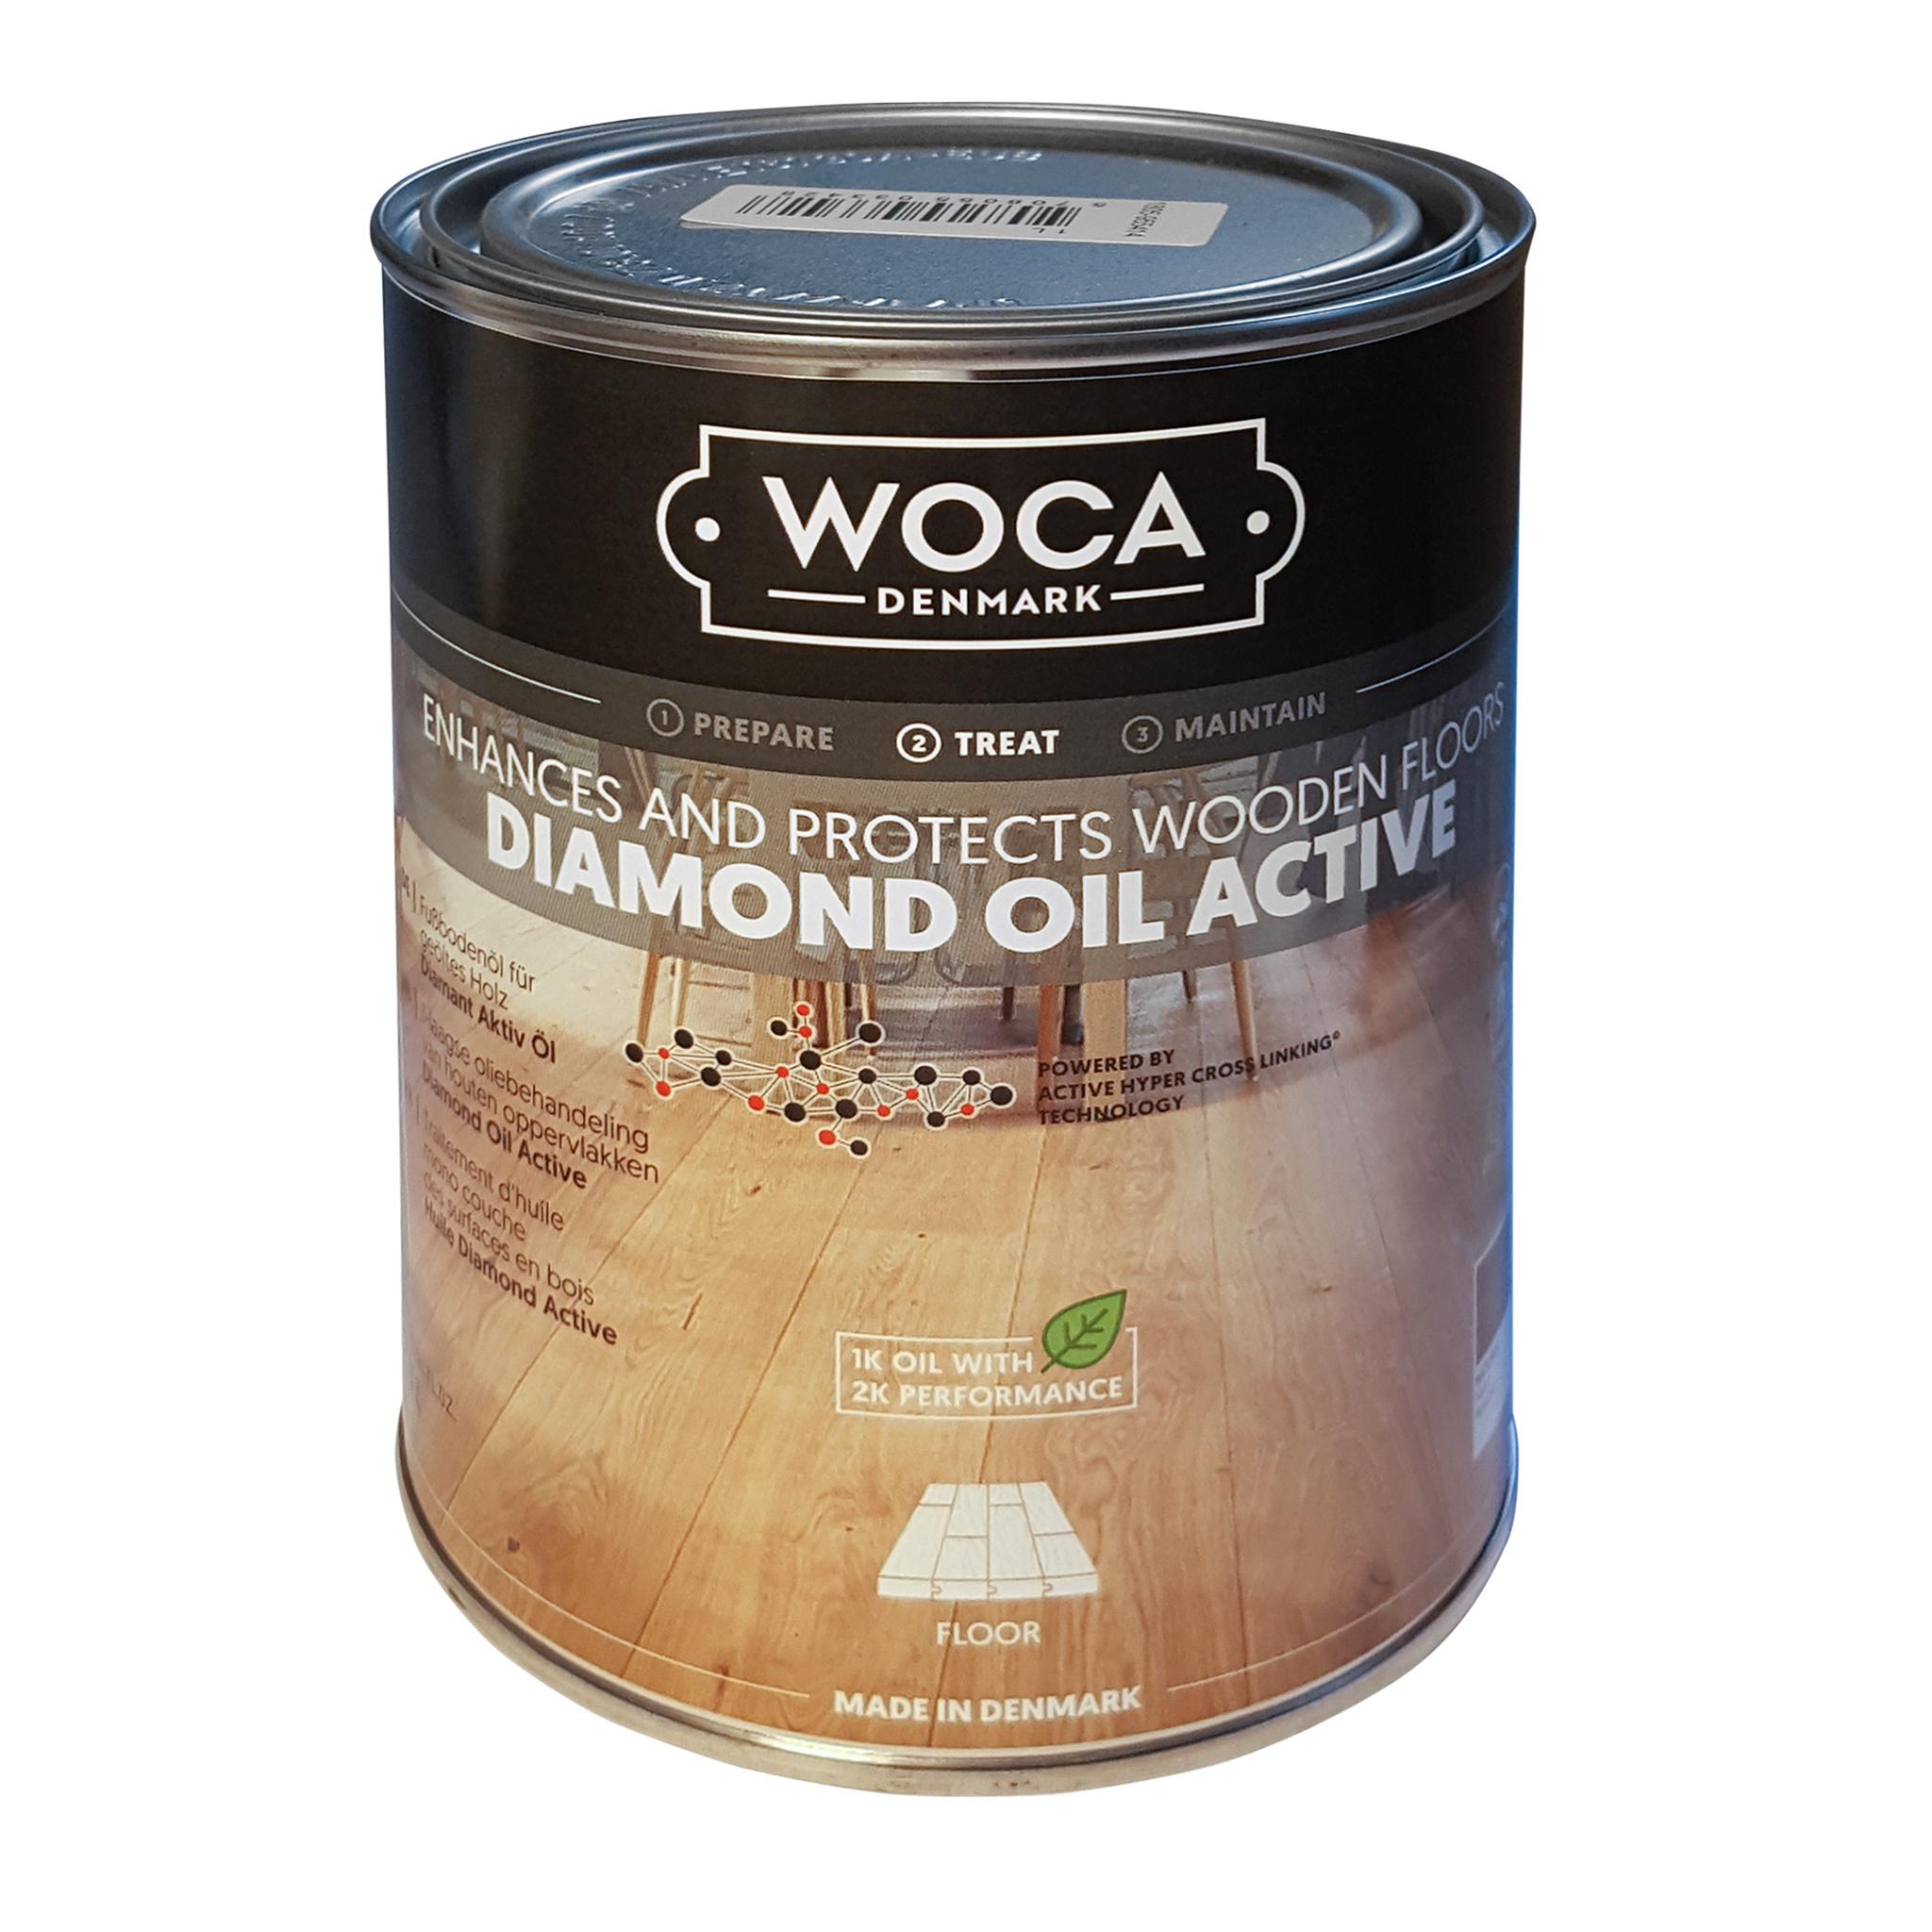 WOCA Diamond Öl Aktiv, Natur Holzöl 1L